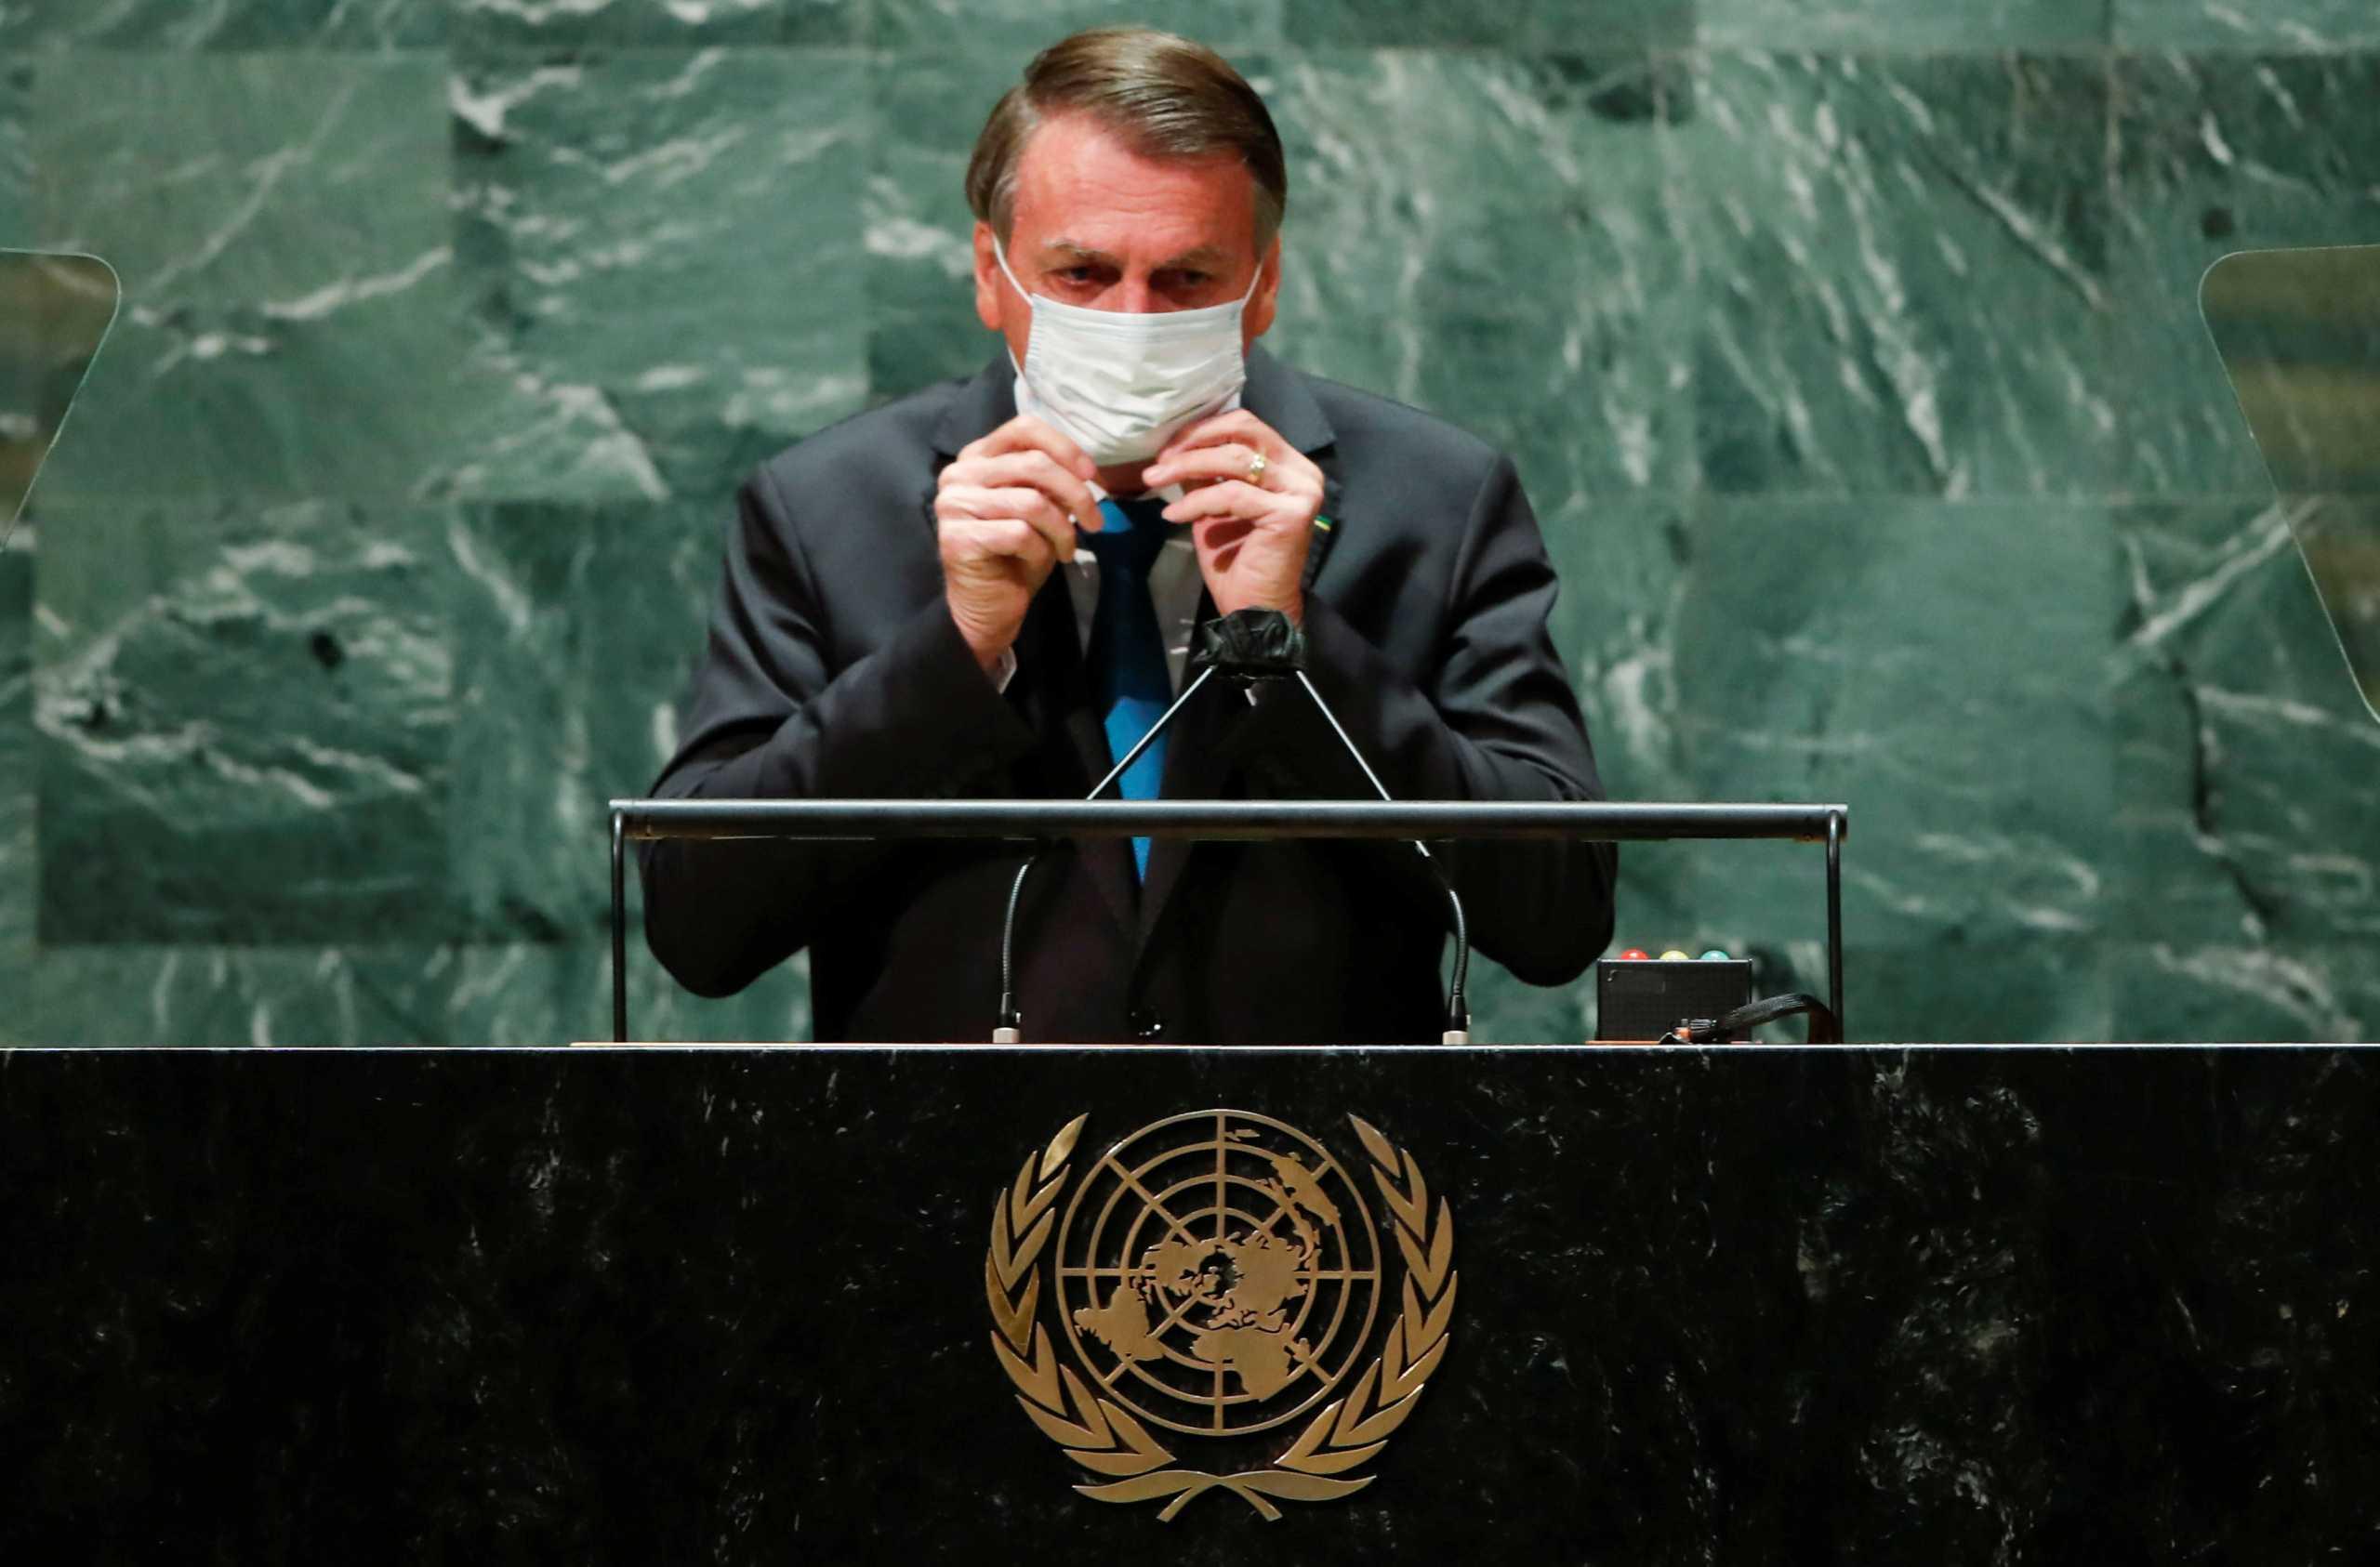 Βραζιλία: Και τέταρτο μέλος της αντιπροσωπείας στον ΟΗΕ διαγνώστηκε με κορονοϊό